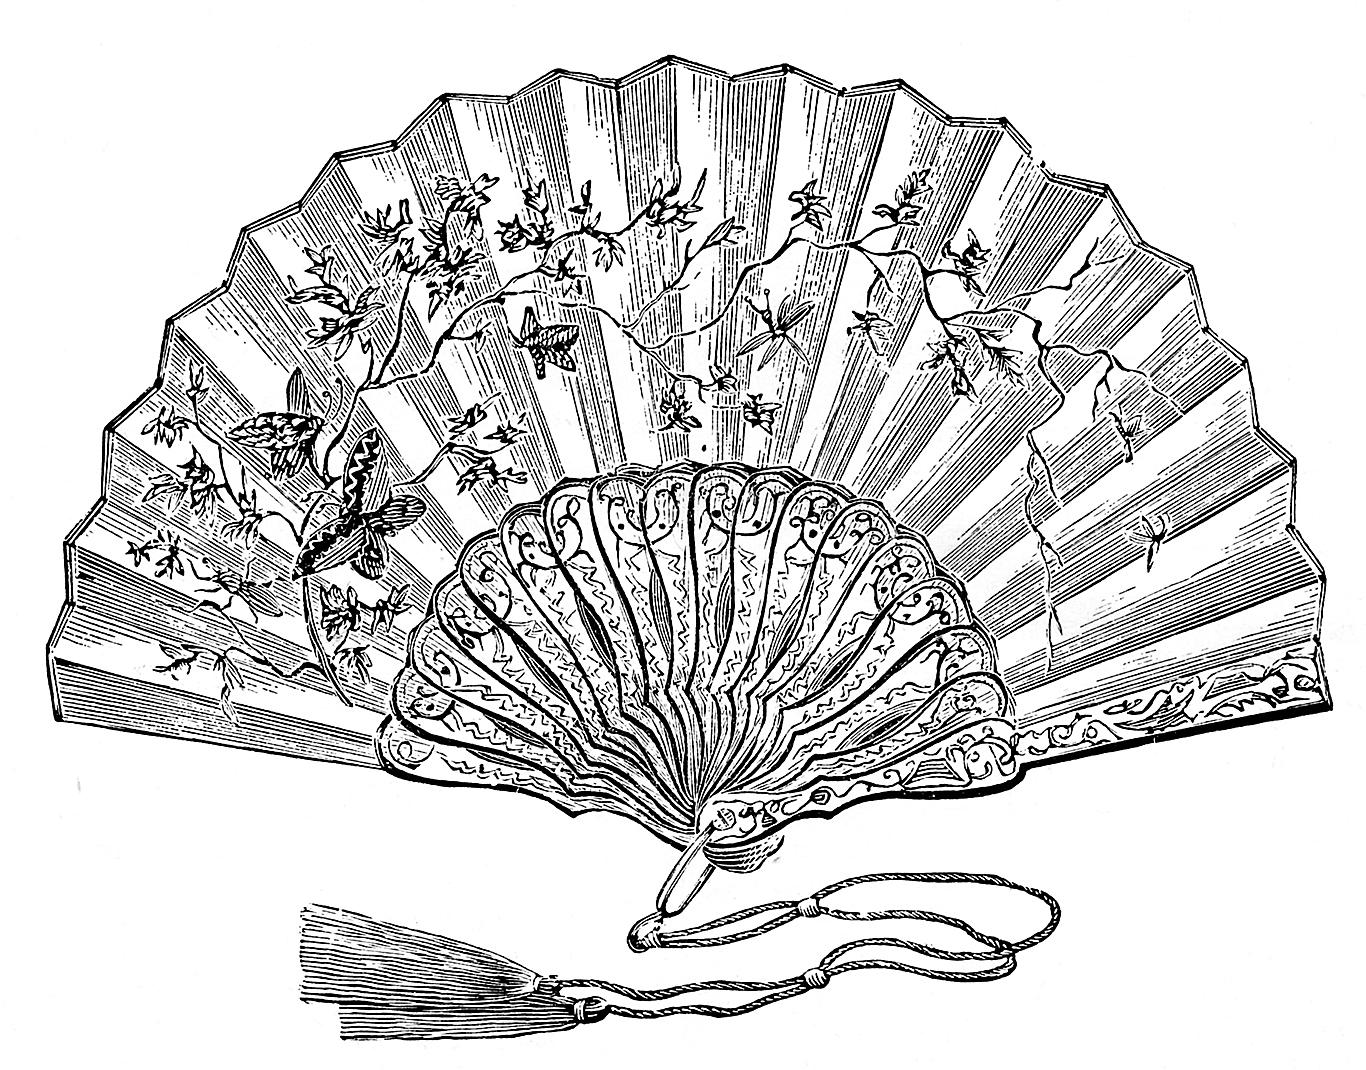 Винтажная гравюра (рисунок) веер.